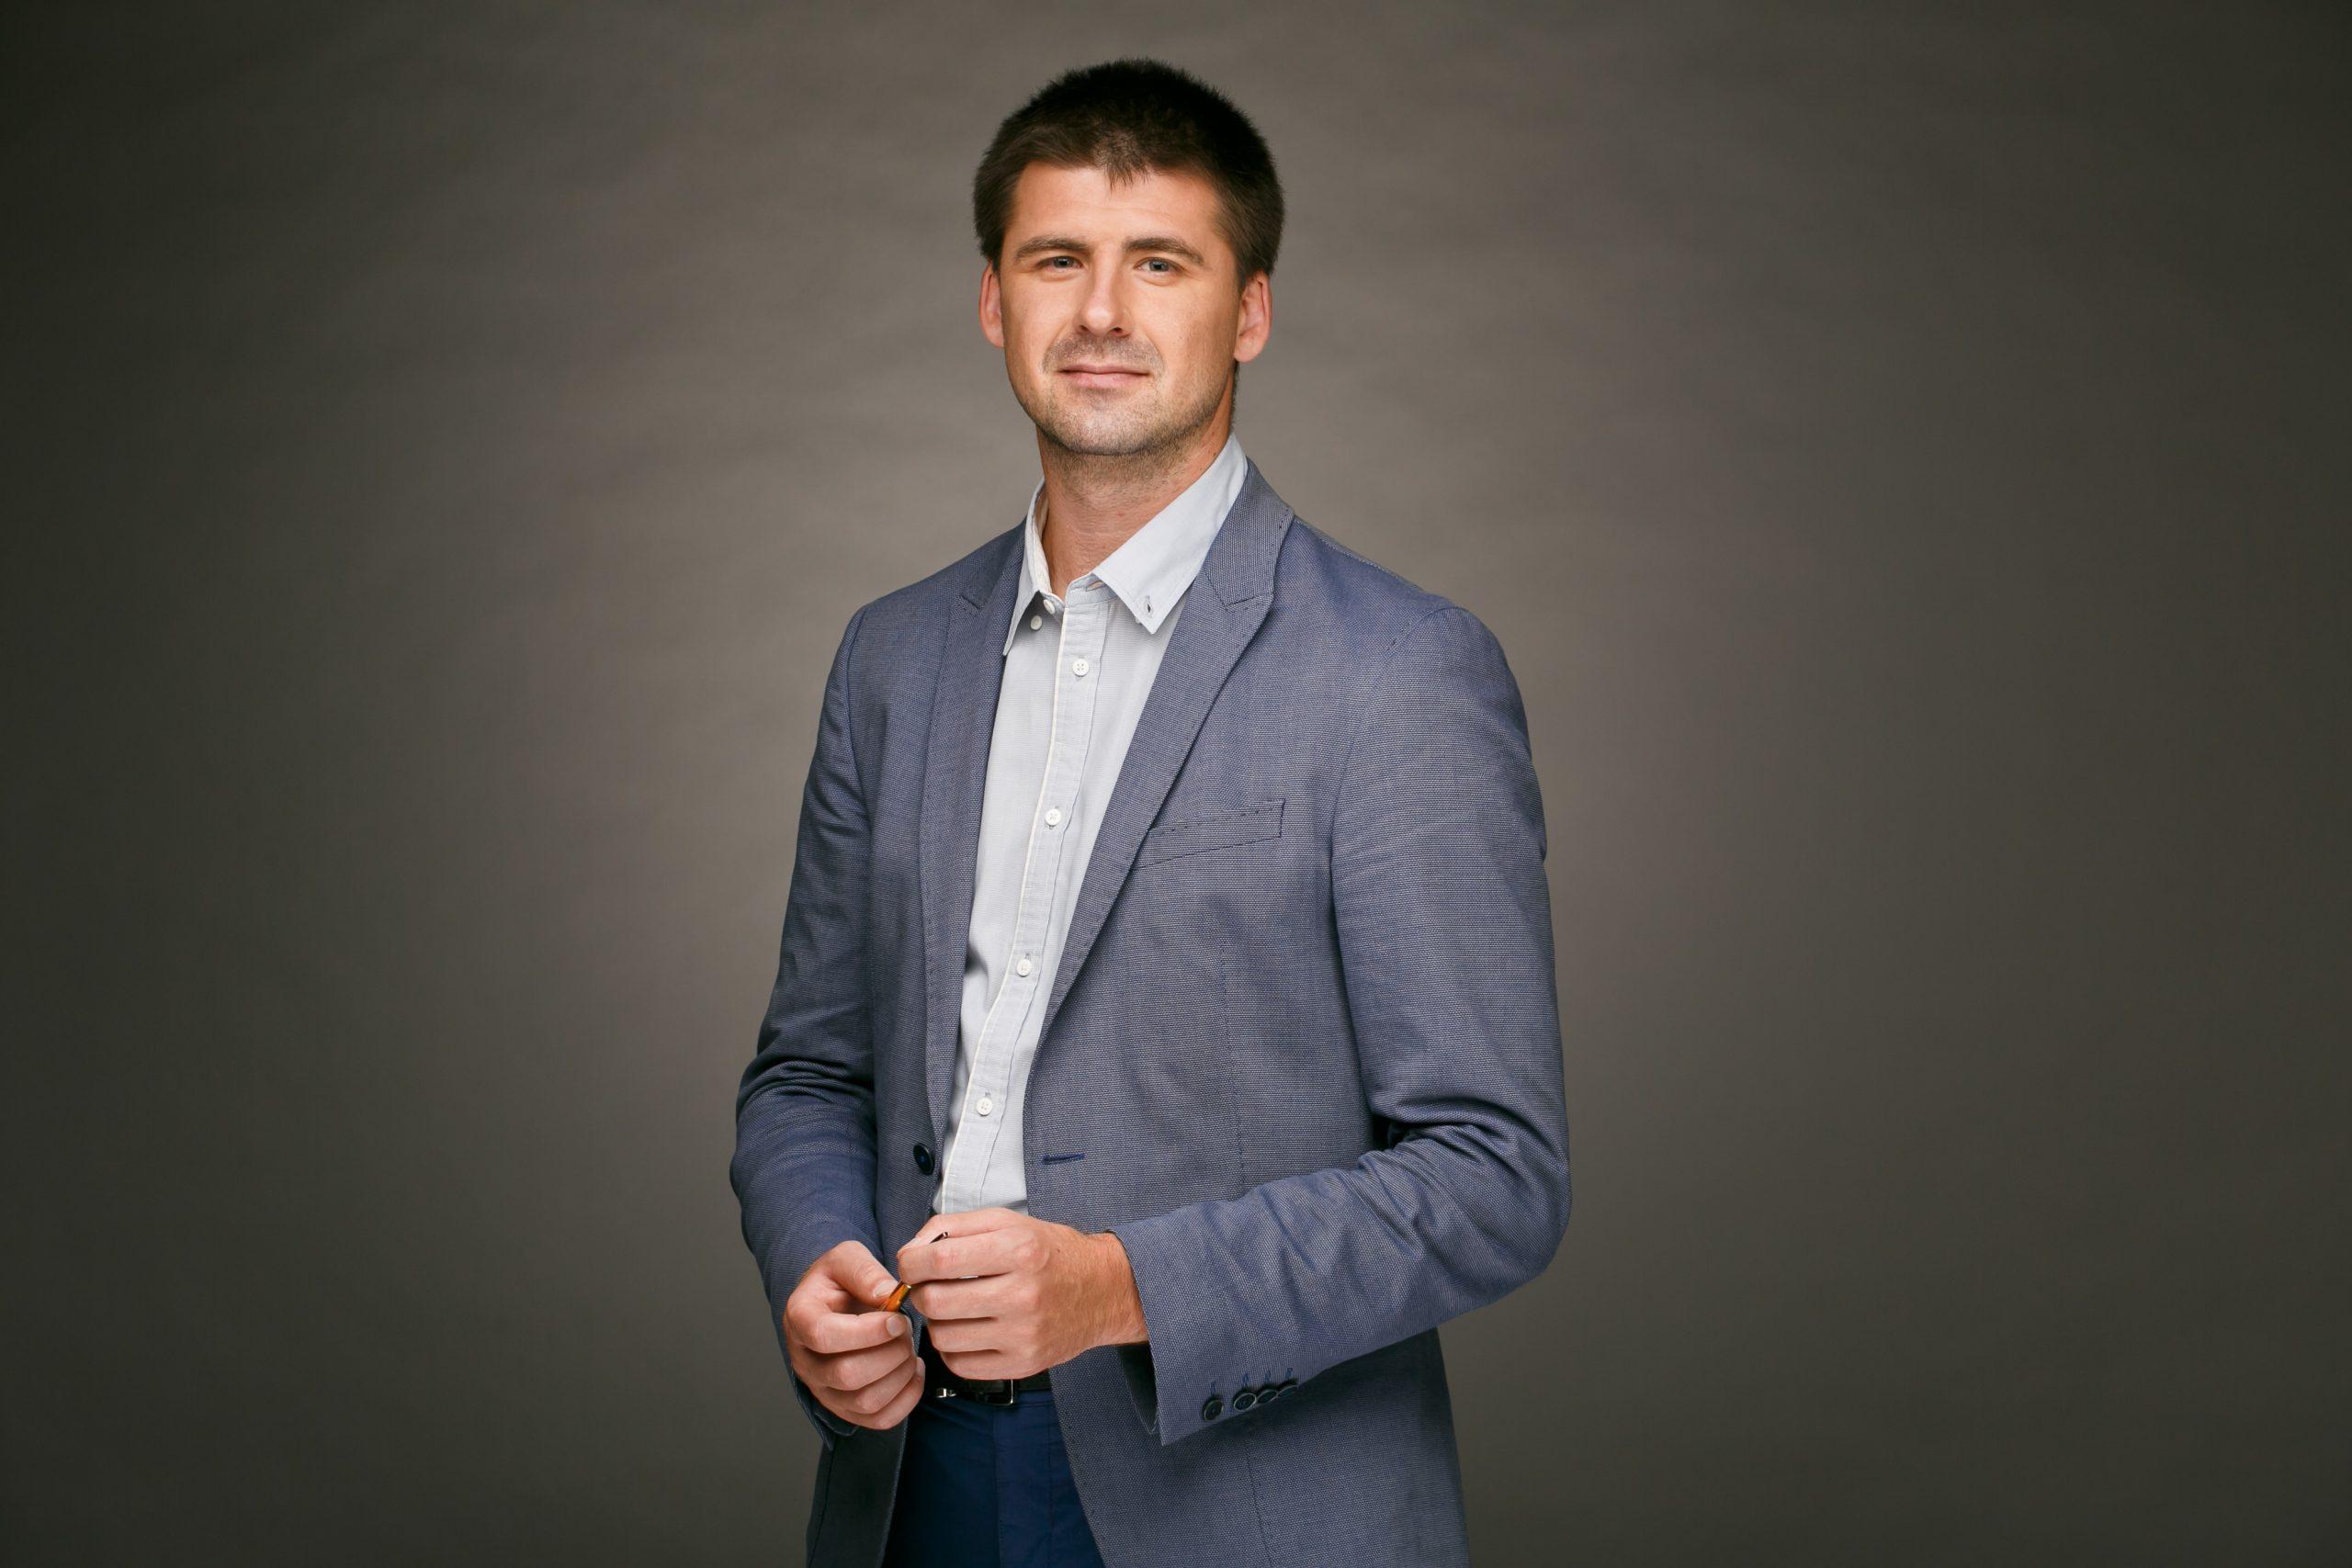 Sergey Ozhegov, CEO of SearchInform